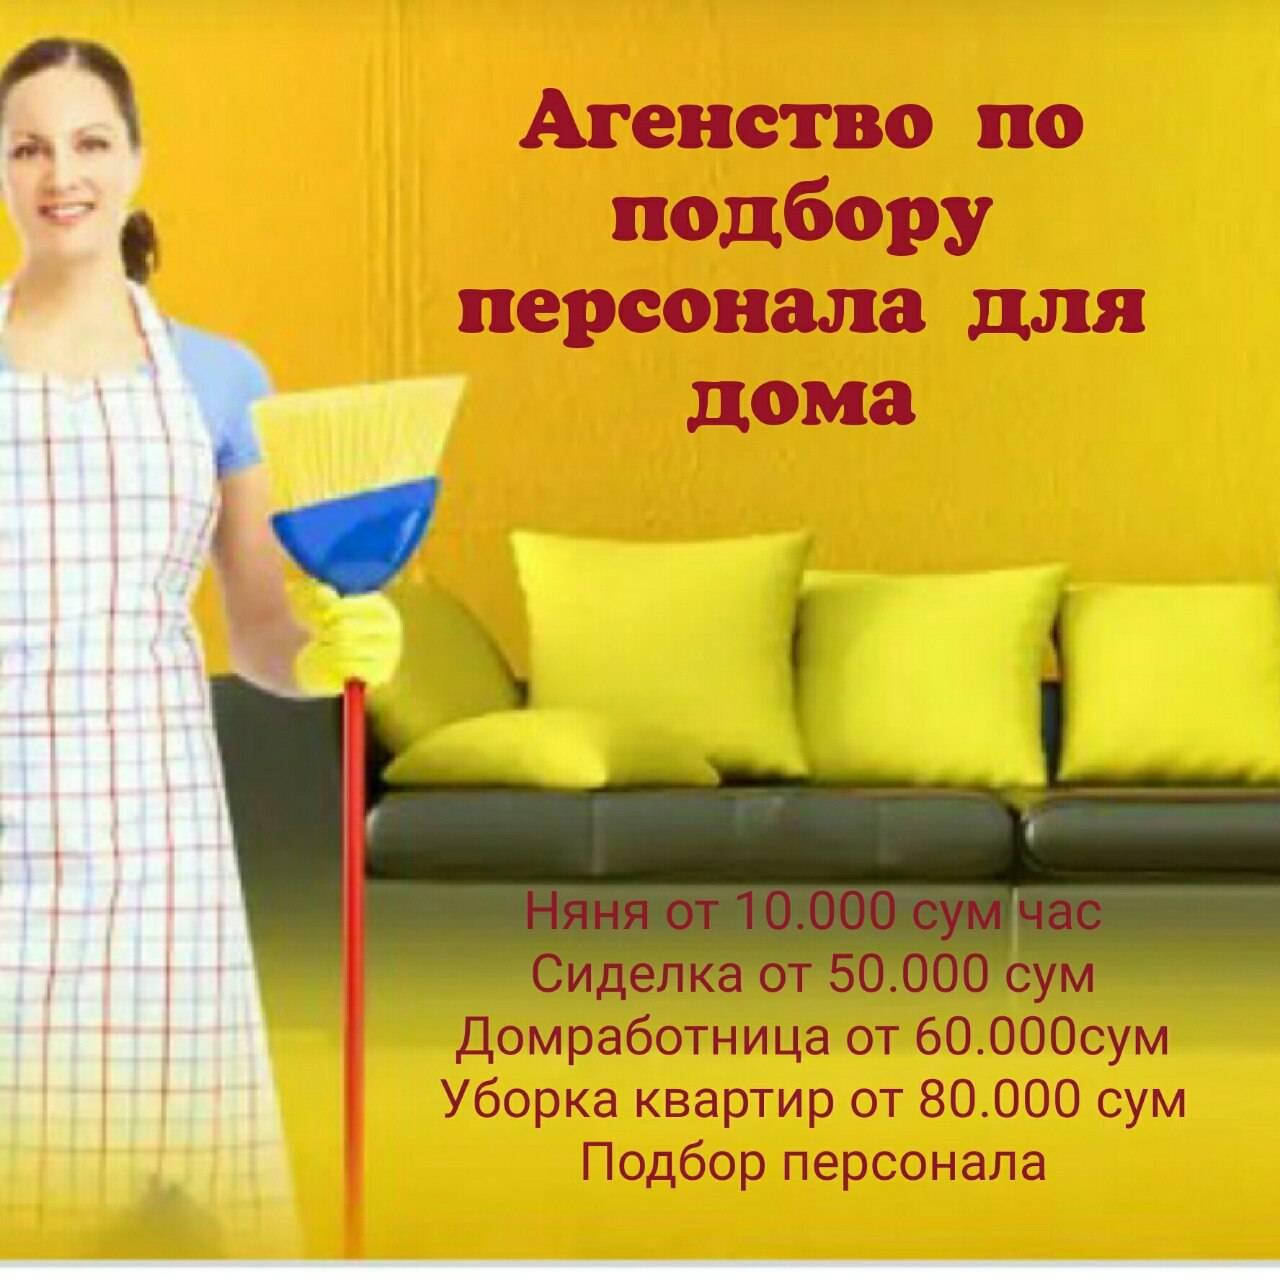 Работа няней, домработницей в польше: как трудоустроиться в польской семье